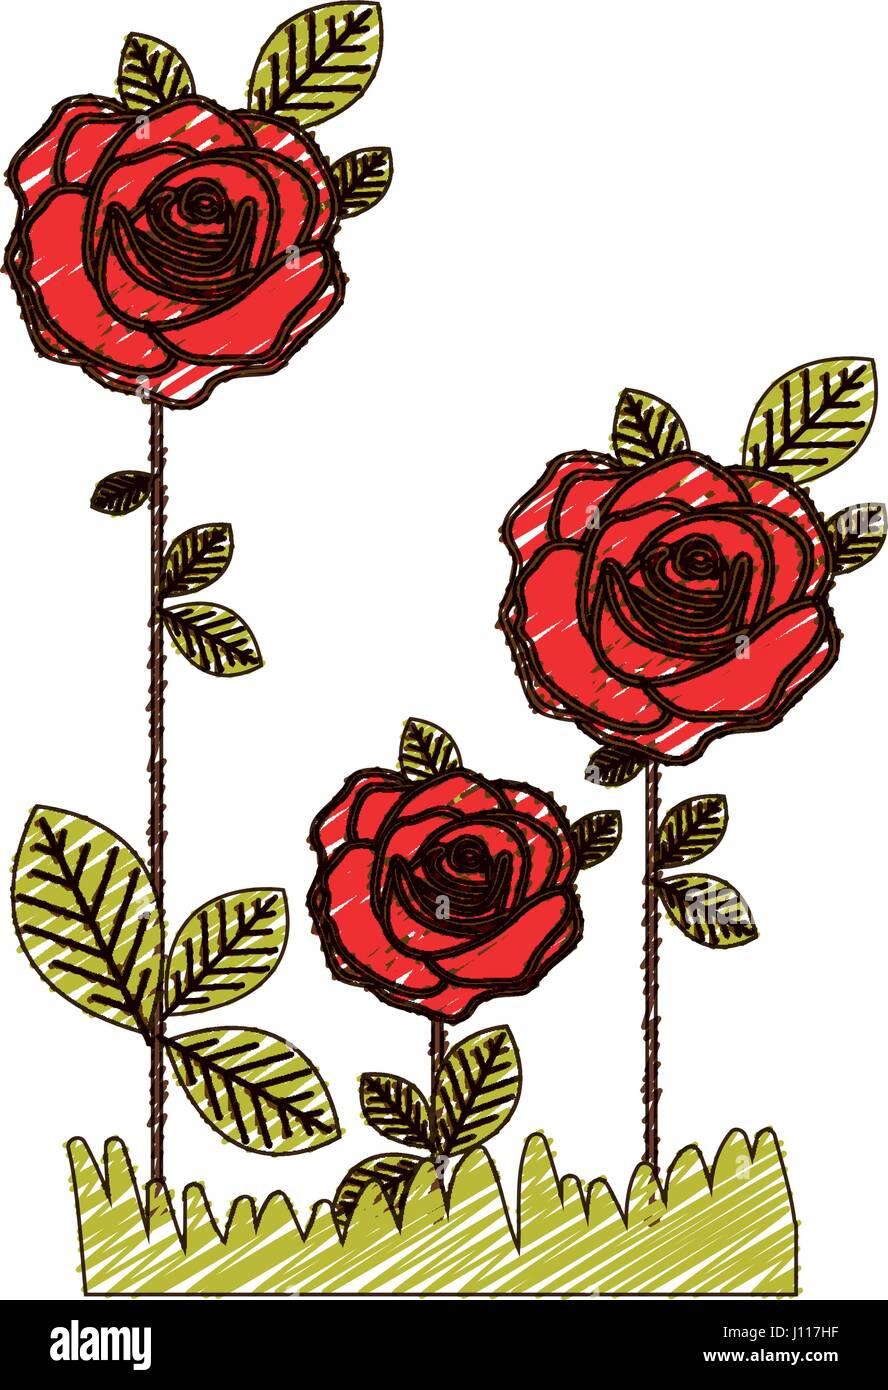 Dibujo A Lápiz De Color De Rosas Flores Plantadas Con Hojas Y Pasto